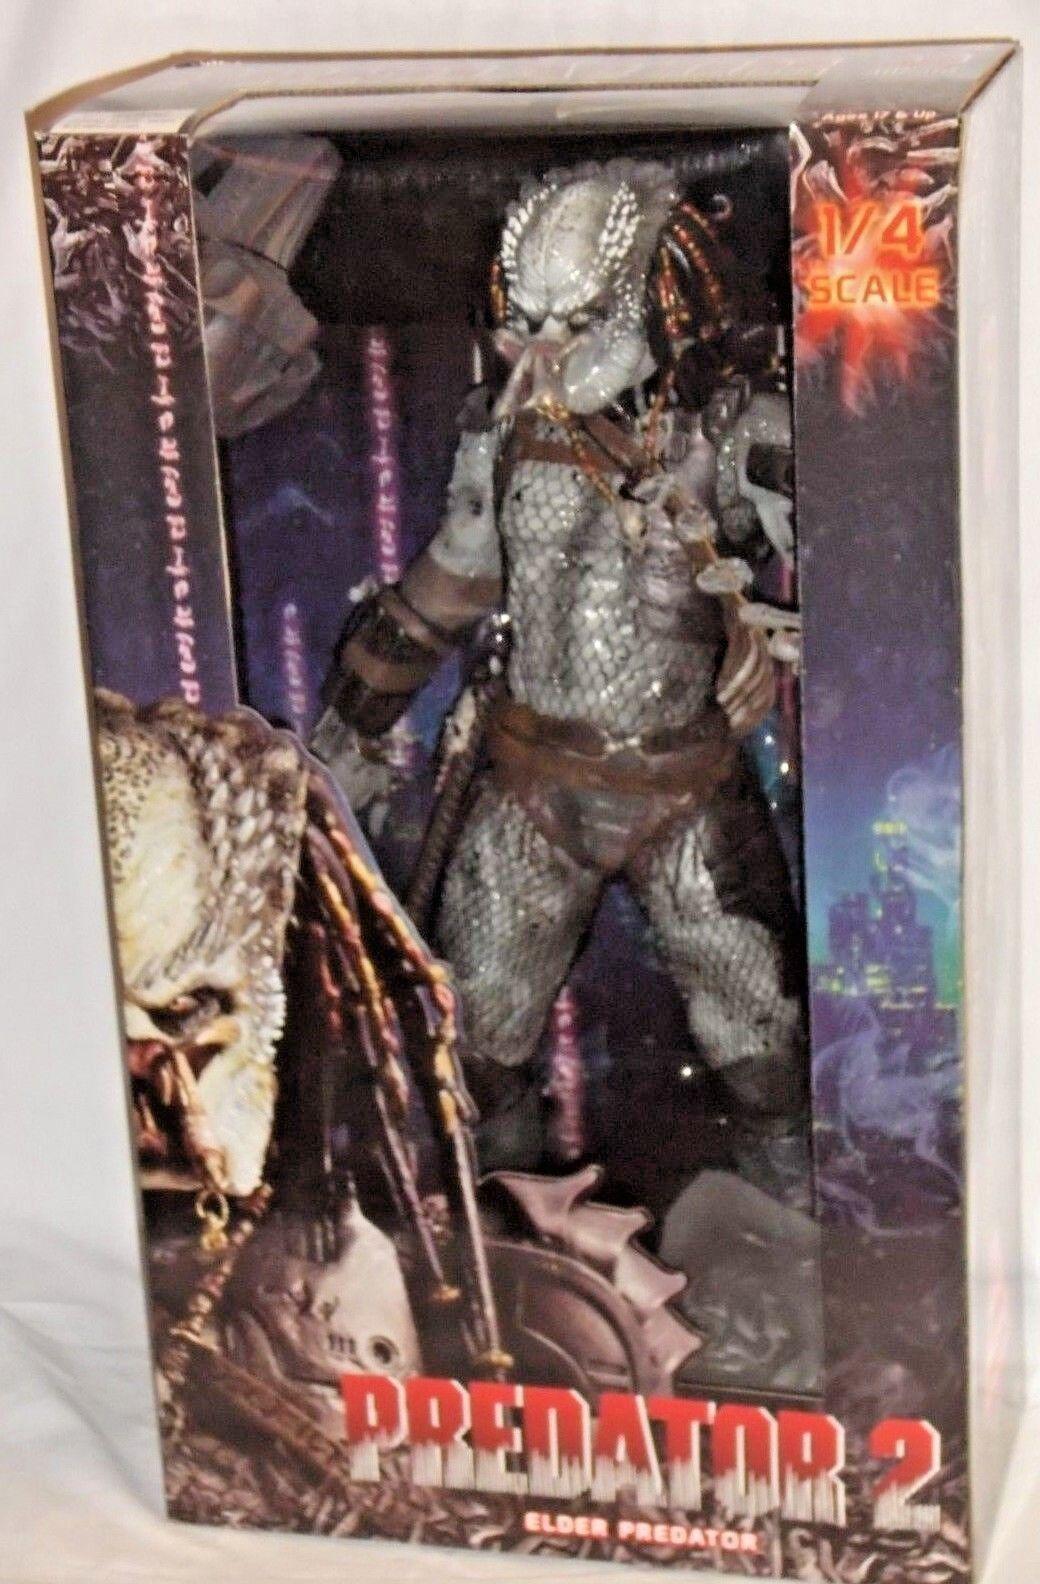 preferente Sellado Neca Elder Depredador 2 perdido tribu 14 14 14 escala 18 Sin Máscara Película Figura de acción  barato y de alta calidad